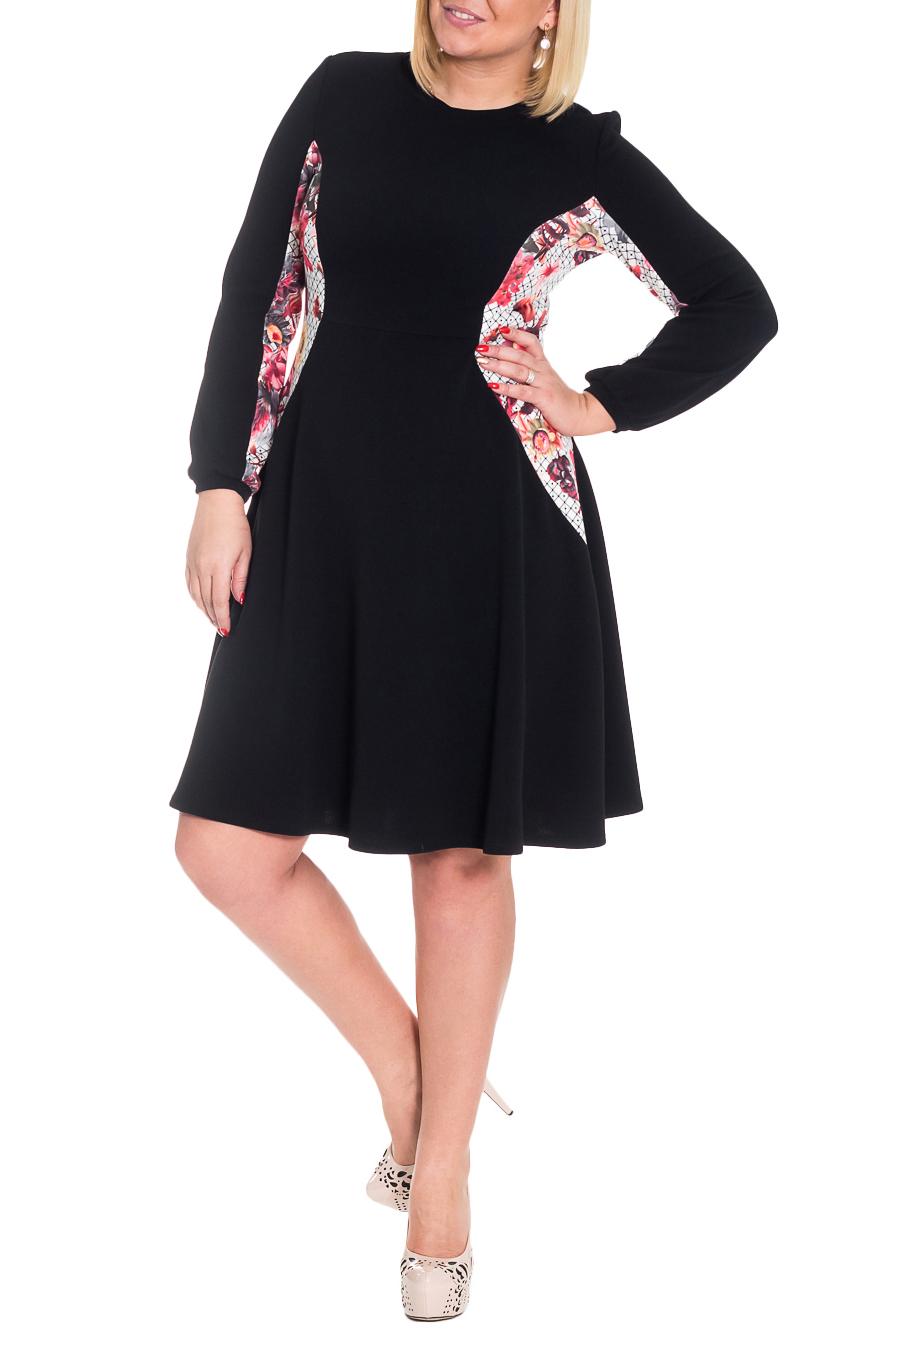 ПлатьеУтонченное женское платье приталенного силуэта с рельефами на передней и задней частях изделия. Изделие отрезное по линии талии. Горловина обработана бейкой. Рукав двушовный, со сборкой по низу и манжетой. Цвет: черный, белый и красный (вставки).  Длина рукава - 61 ± 1 см  Рост девушки-фотомодели 170 см  Длина изделия - 103 ± 2 см<br><br>Горловина: С- горловина<br>По длине: Ниже колена<br>По материалу: Трикотаж,Хлопок<br>По образу: Город,Свидание<br>По рисунку: С принтом,Фактурный рисунок,Цветные<br>По силуэту: Полуприталенные<br>По стилю: Повседневный стиль<br>По форме: Платье - трапеция<br>По элементам: С декором,Со складками<br>Рукав: Длинный рукав<br>По сезону: Зима<br>Размер : 46,48,50<br>Материал: Трикотаж<br>Количество в наличии: 21